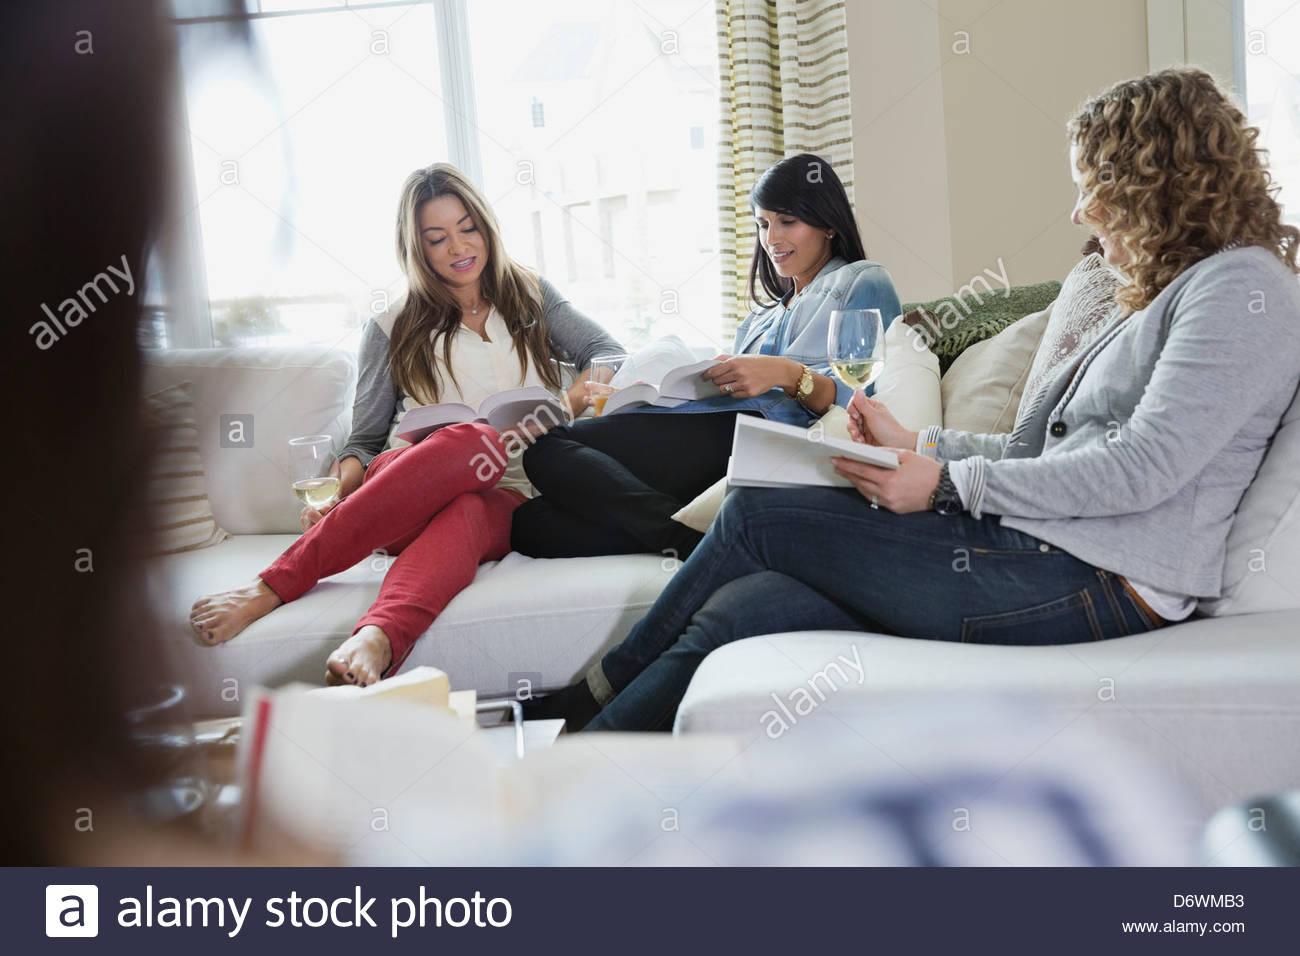 Las mujeres maduras durante la lectura de libros de house party Imagen De Stock